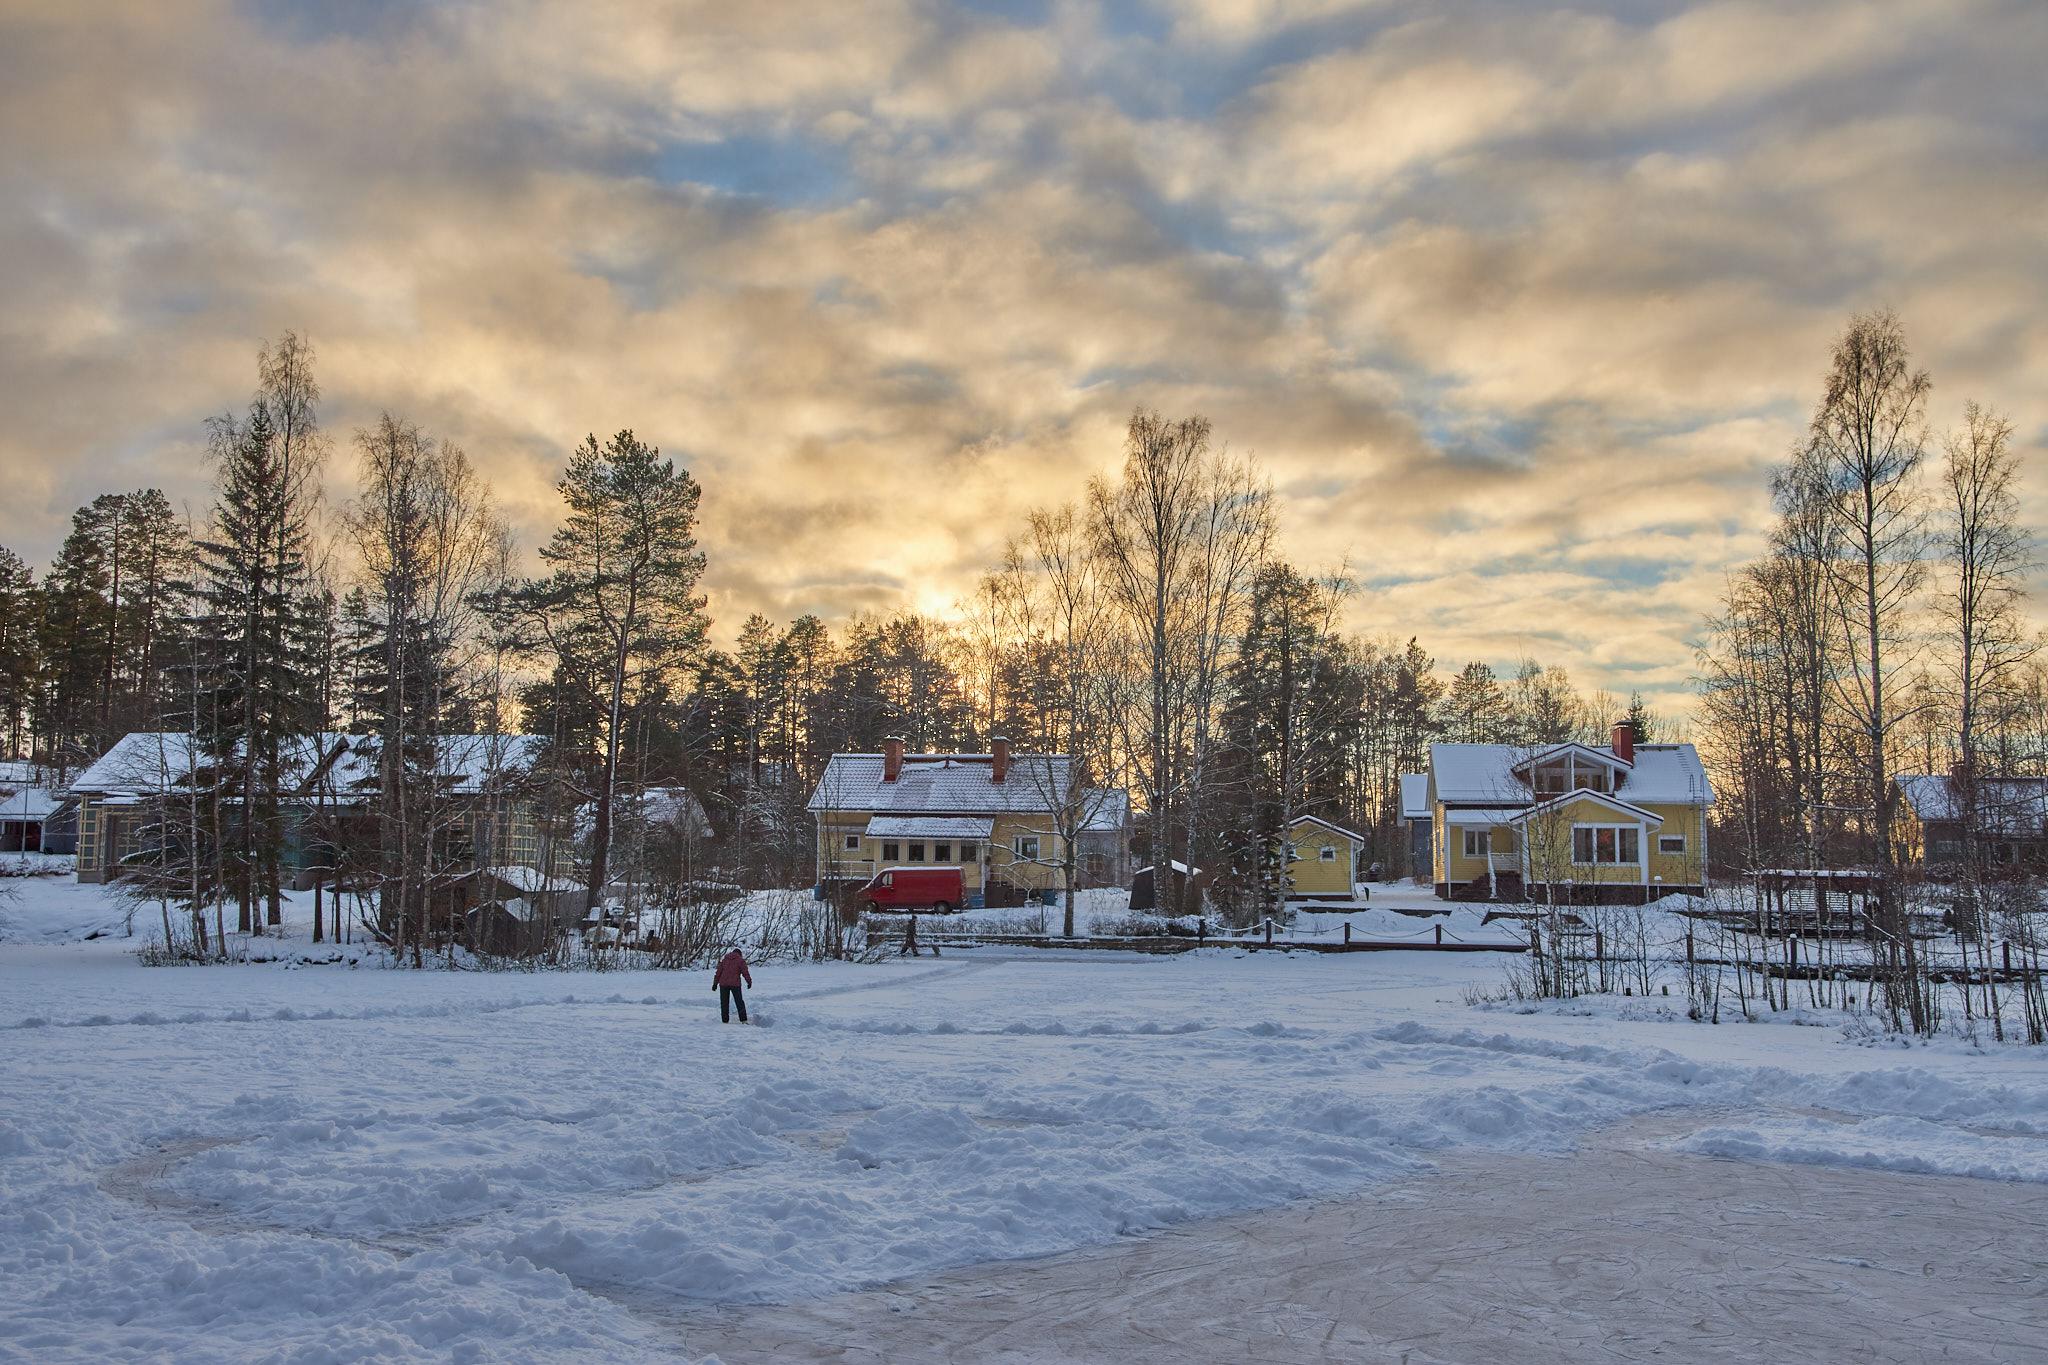 Talvinen alivalotettu maisema iltapäivän auringossa.